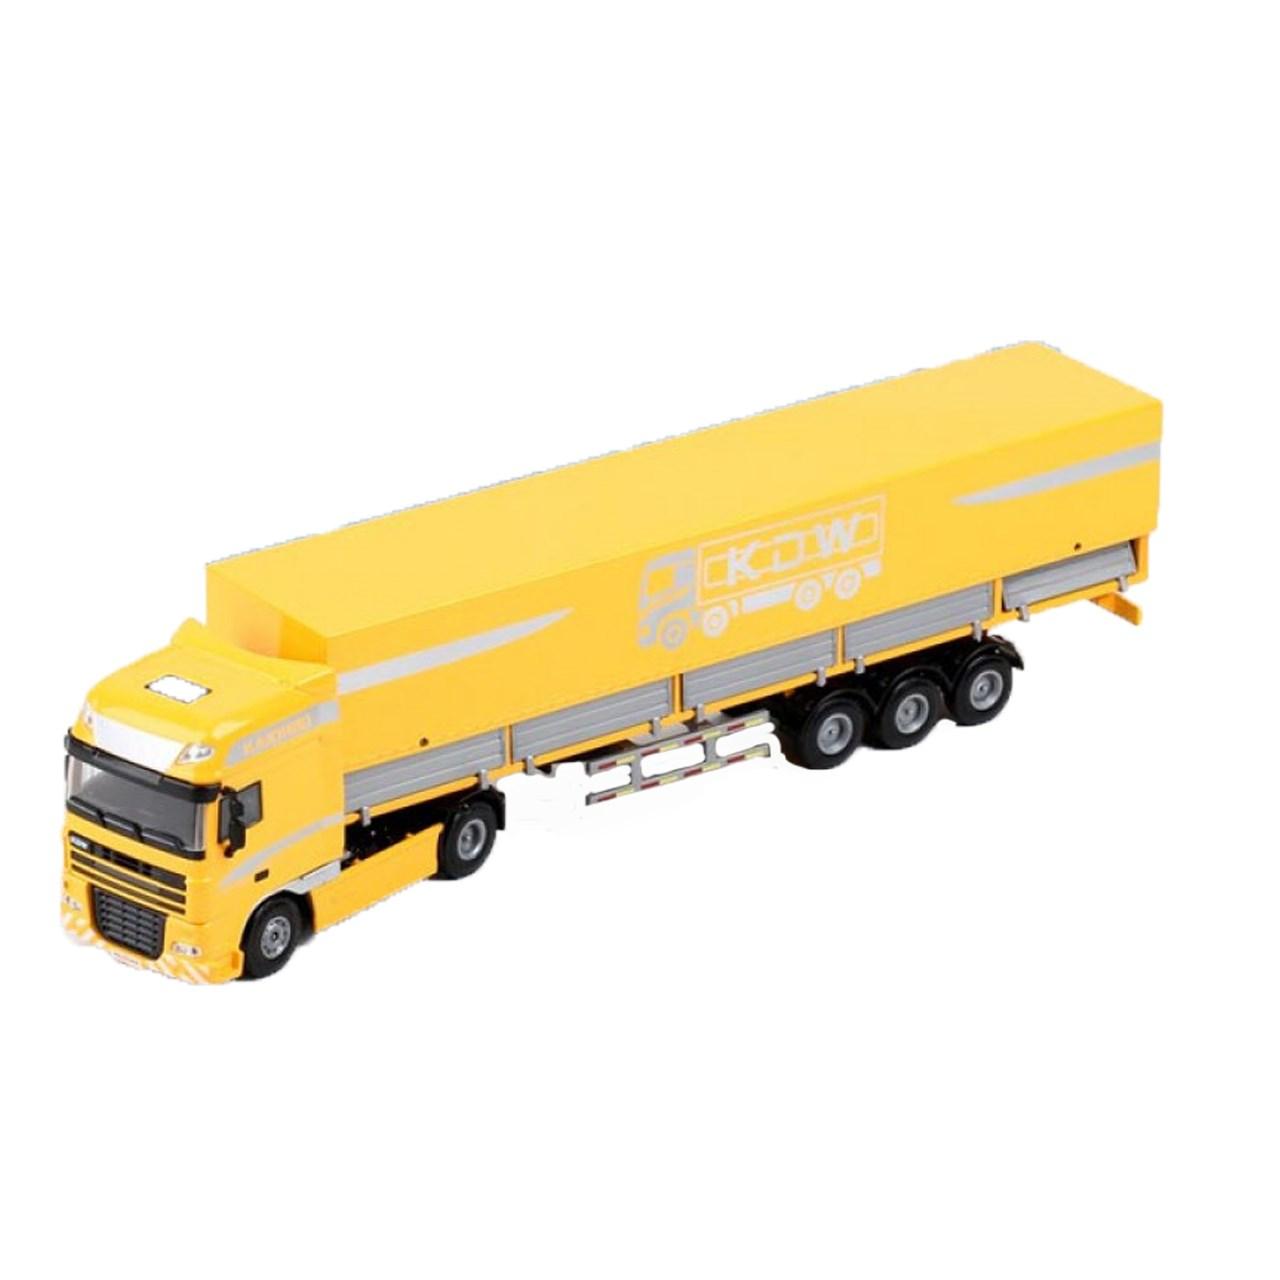 ماشین بازی کایدیوی طرح کامیون ترانزیت مدل Tent Platform Transporter